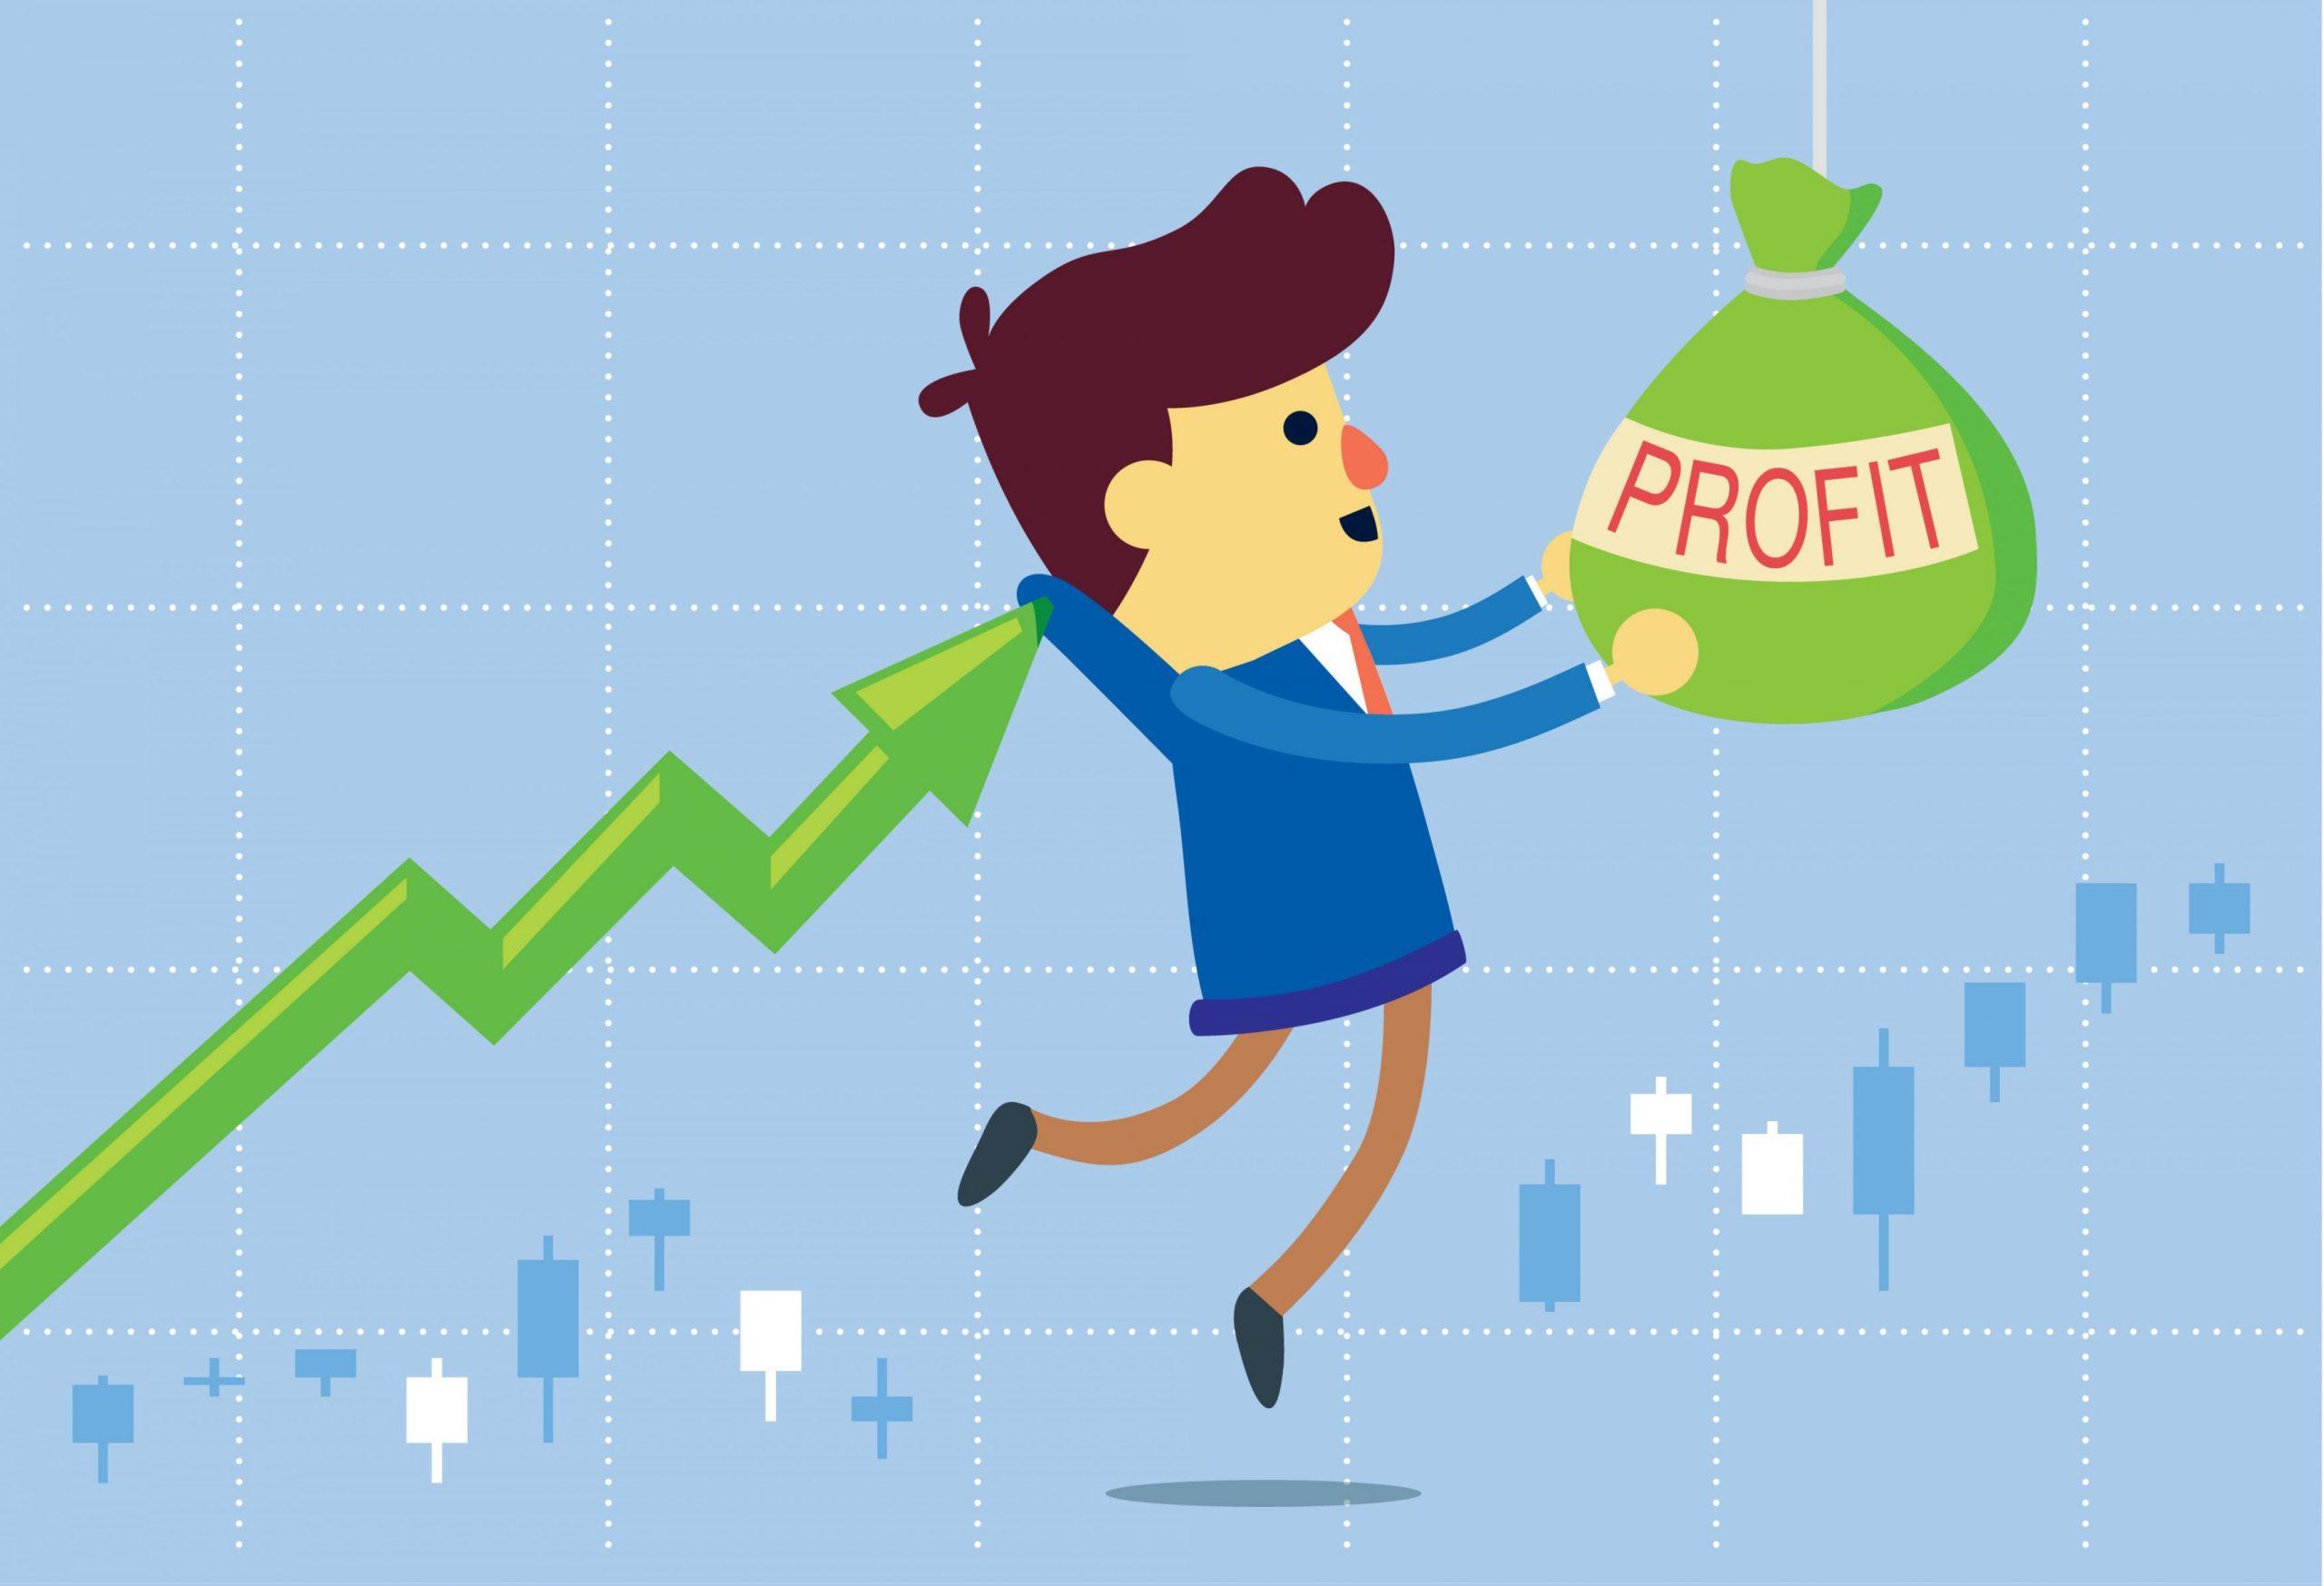 Biên lợi nhuận là gì? Tổng hợp kiến thức về các loại biên lợi nhuận